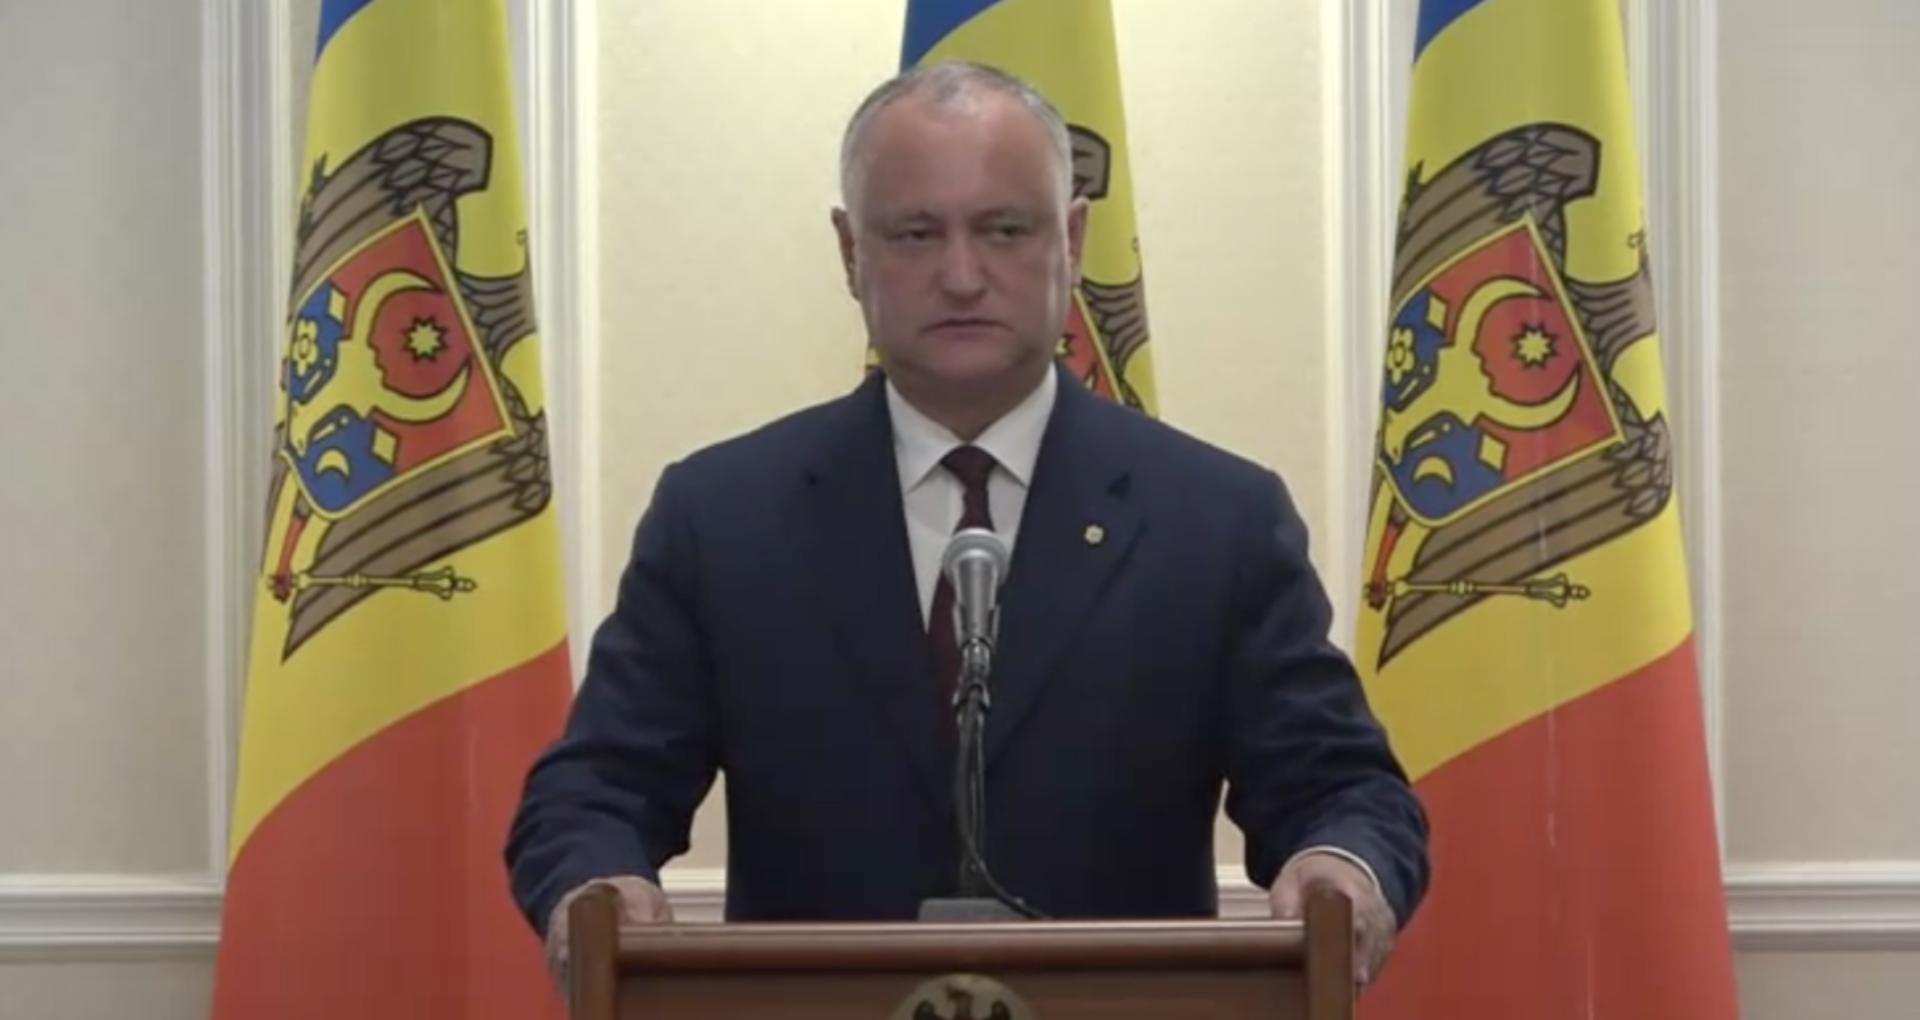 """Igor Dodon, după ce a fost criticat de ministrul Șarov: """"Dacă nu poate să se documenteze, atunci se poate de luat și alte decizii politice – ca să se învețe"""""""